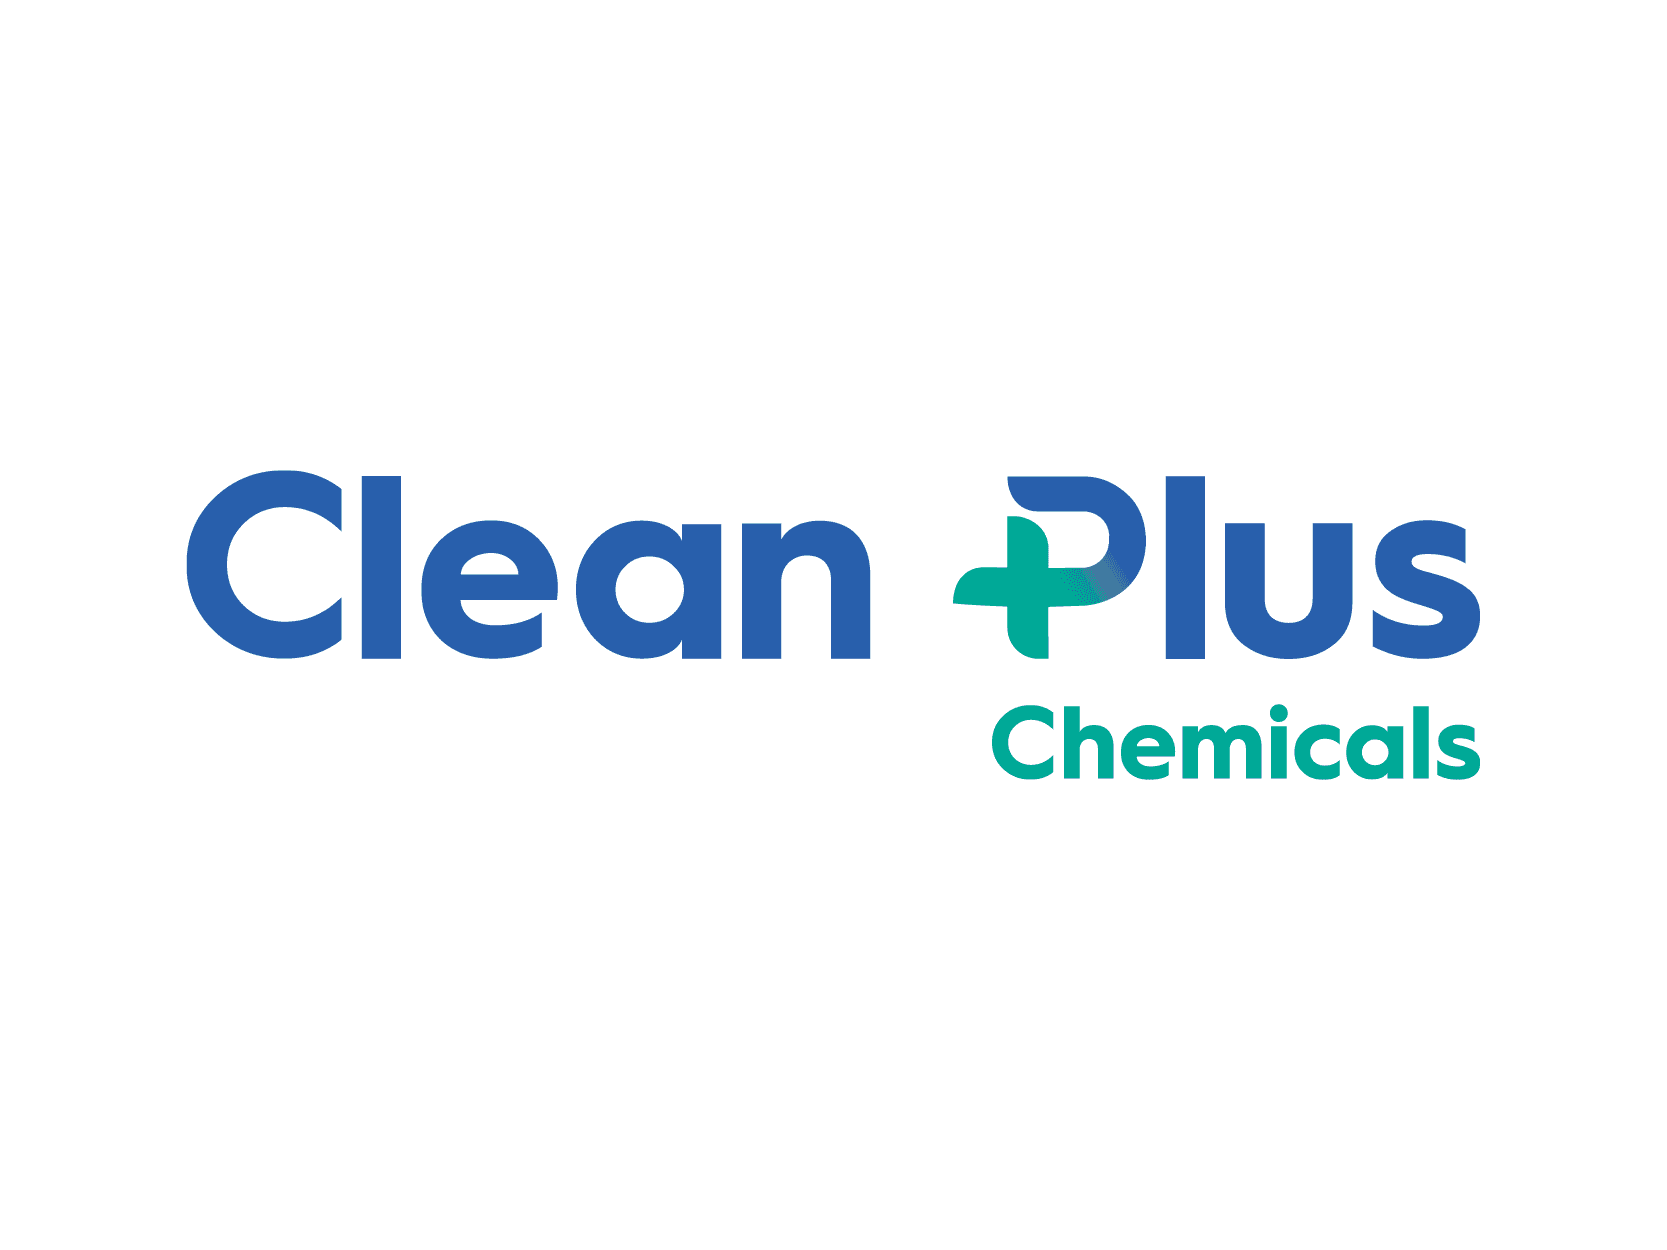 Clean Plus Chemicals